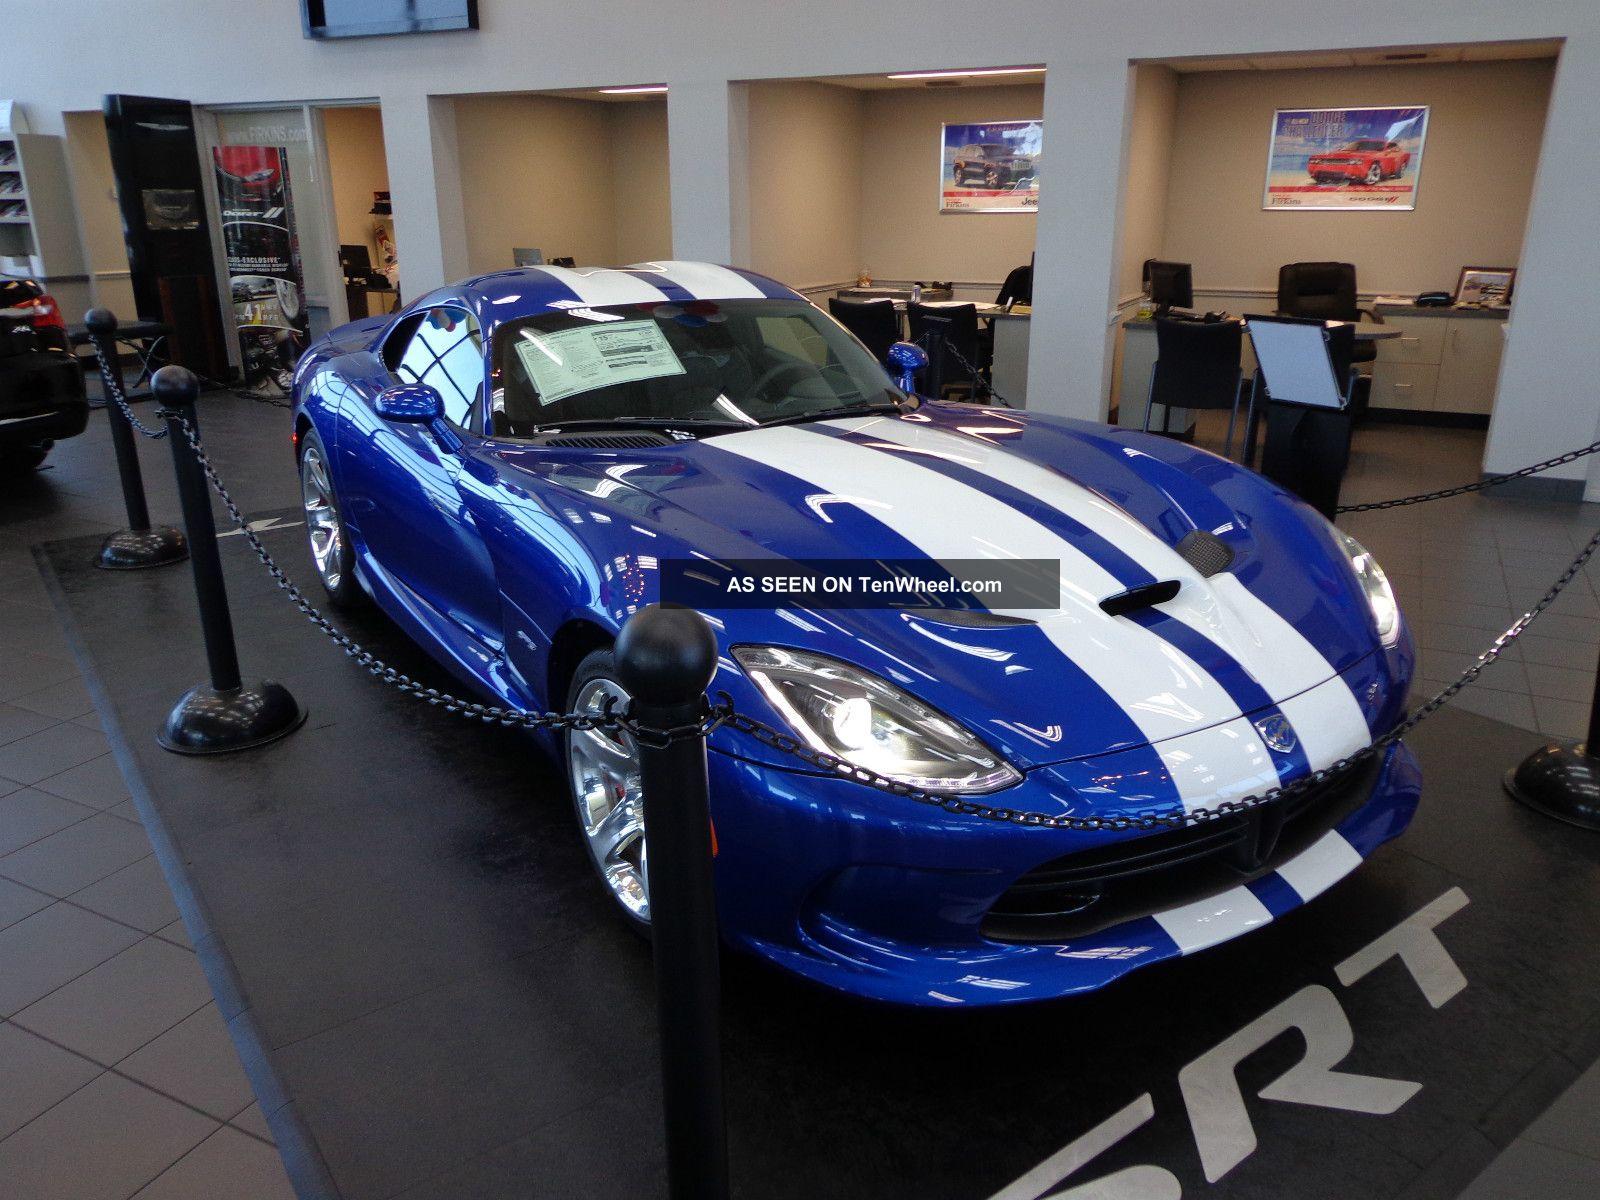 2013 Dodge Srt Viper Gts Viper photo